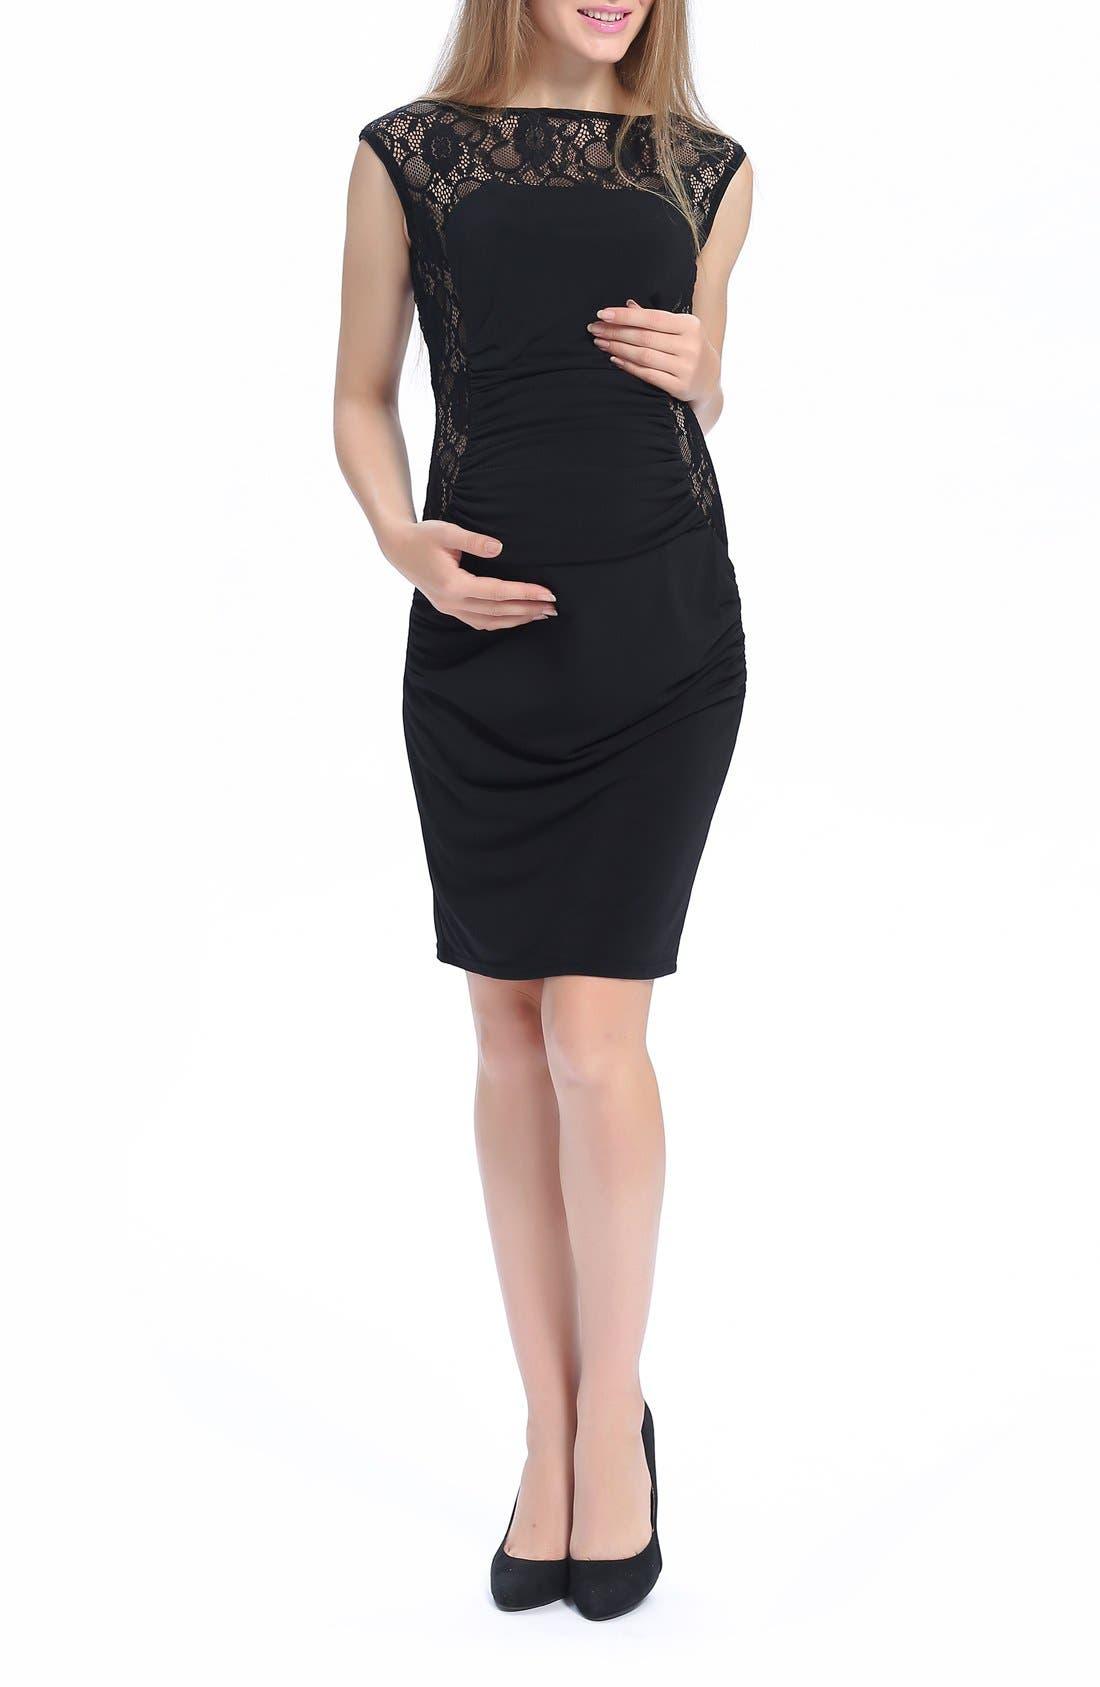 Main Image - Kimi and Kai Valentina Lace Maternity Dress